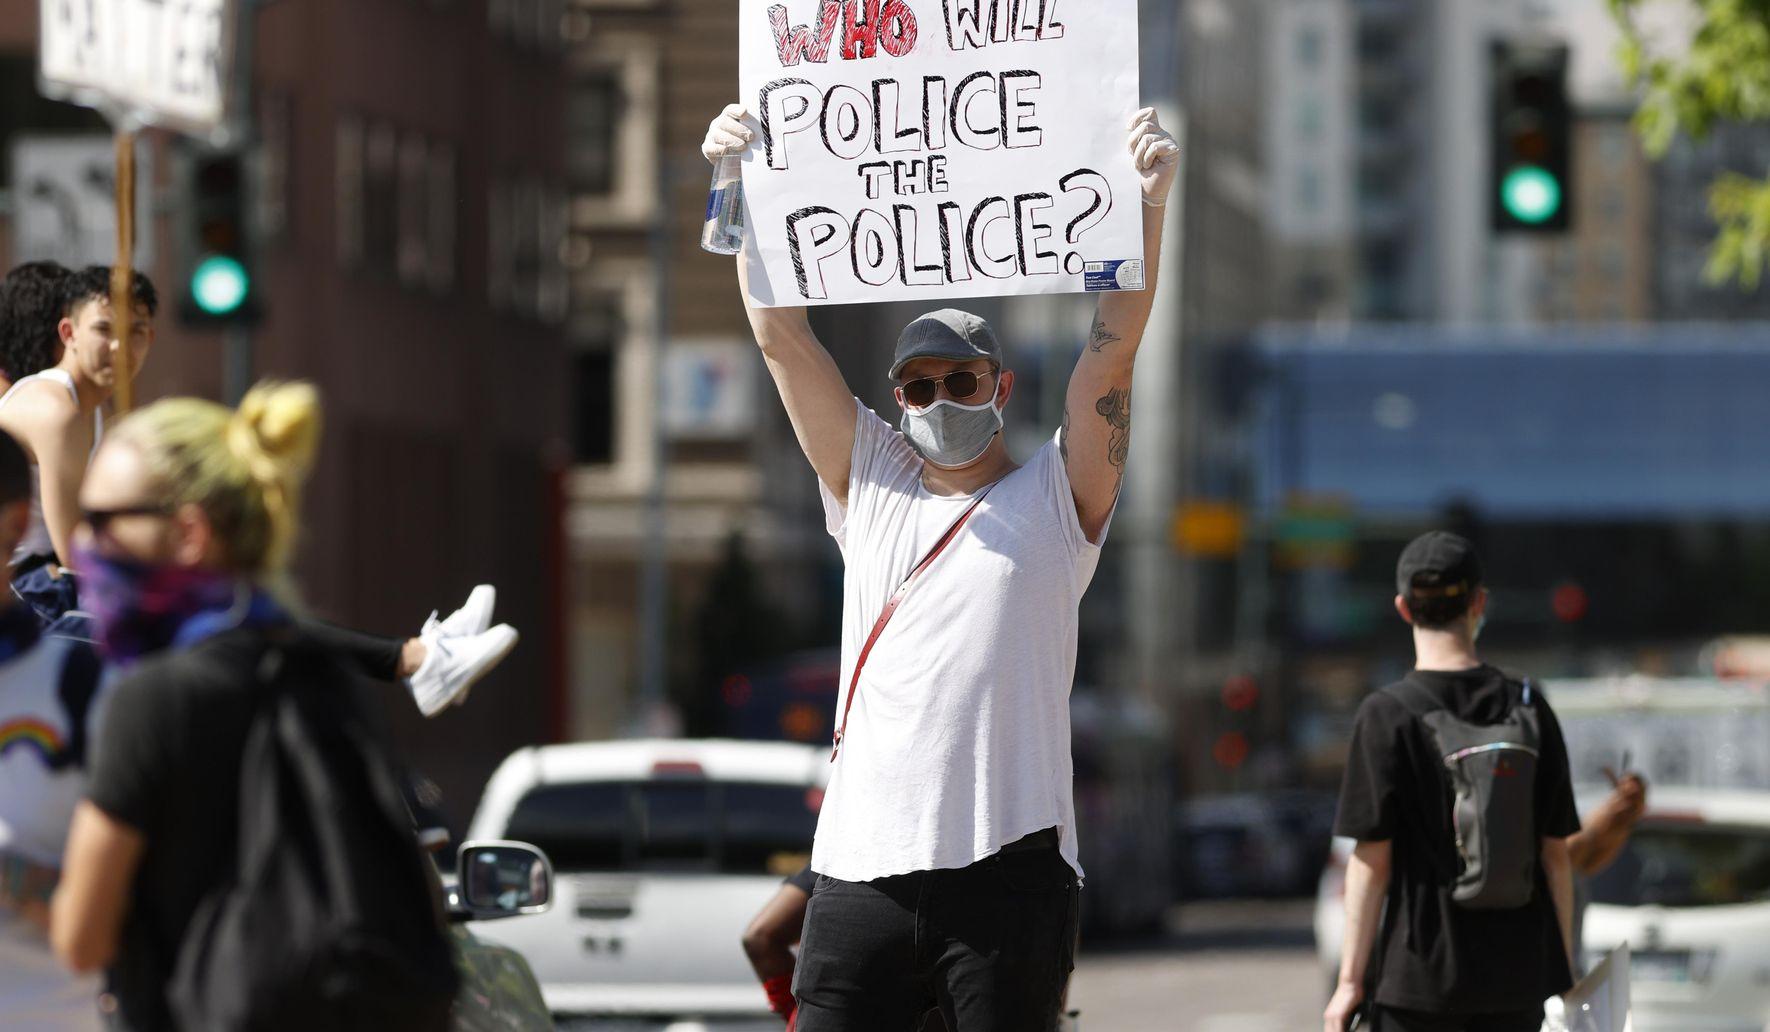 America_protests_denver_06108_c0-169-5179-3188_s1770x1032